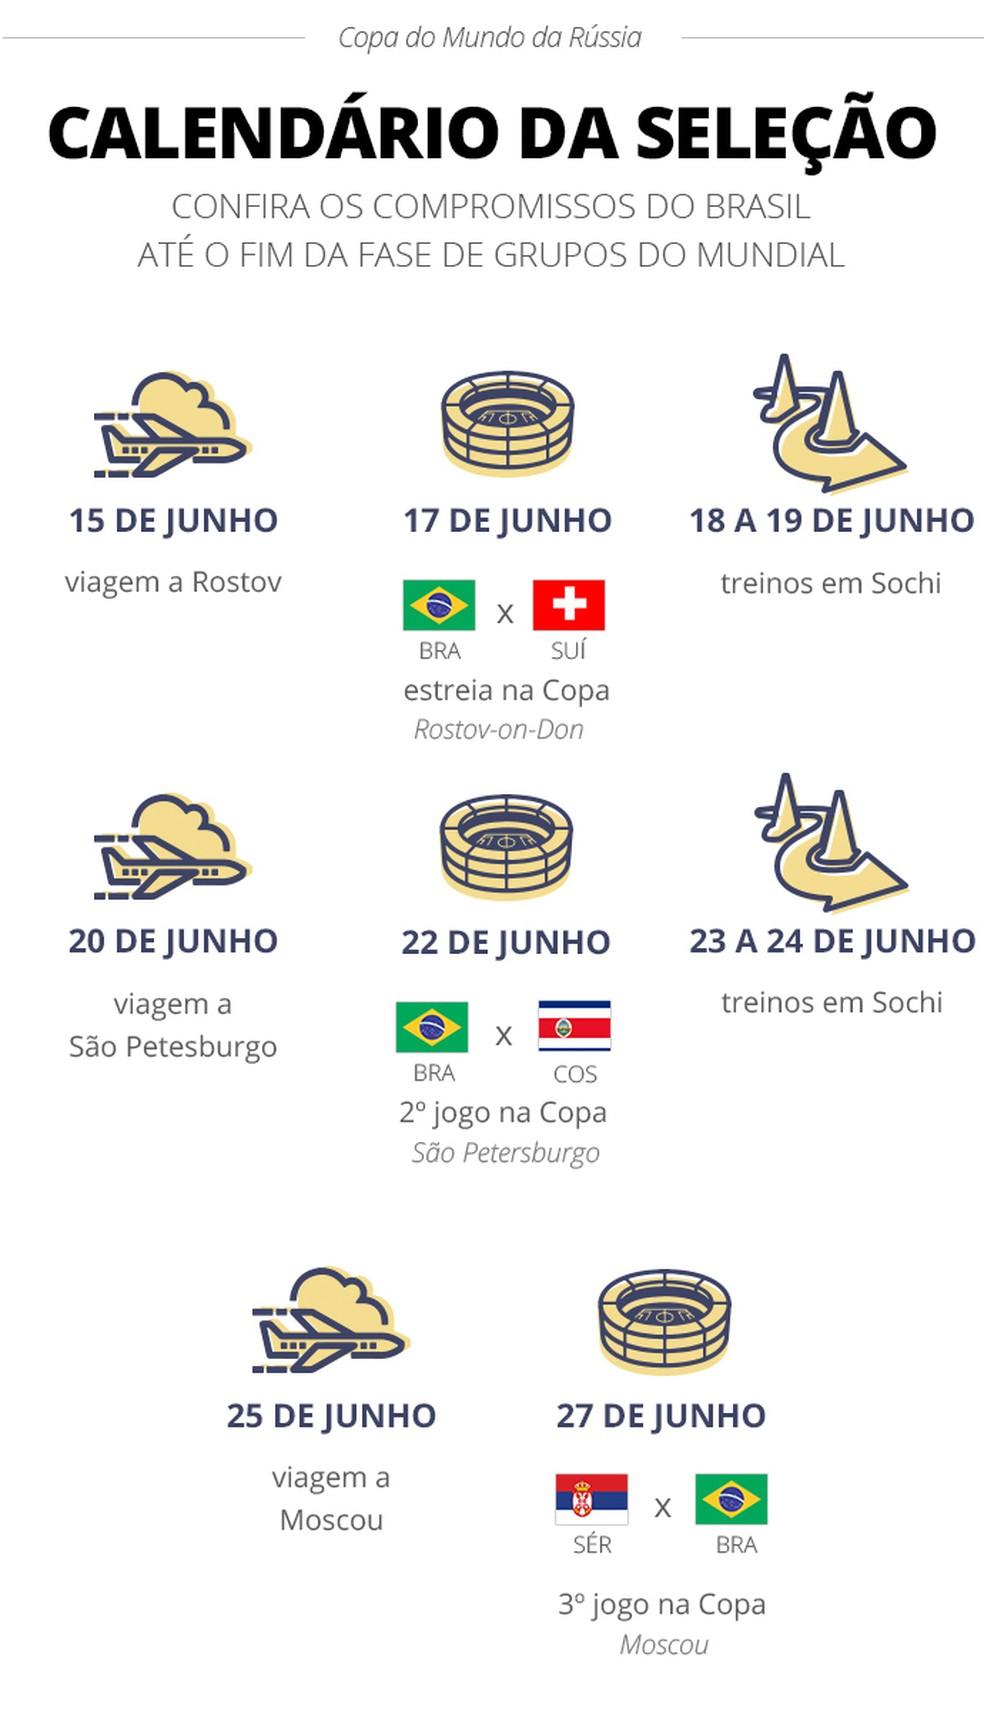 Calendario Selecao 14-06-18 (Foto: infoesporte)